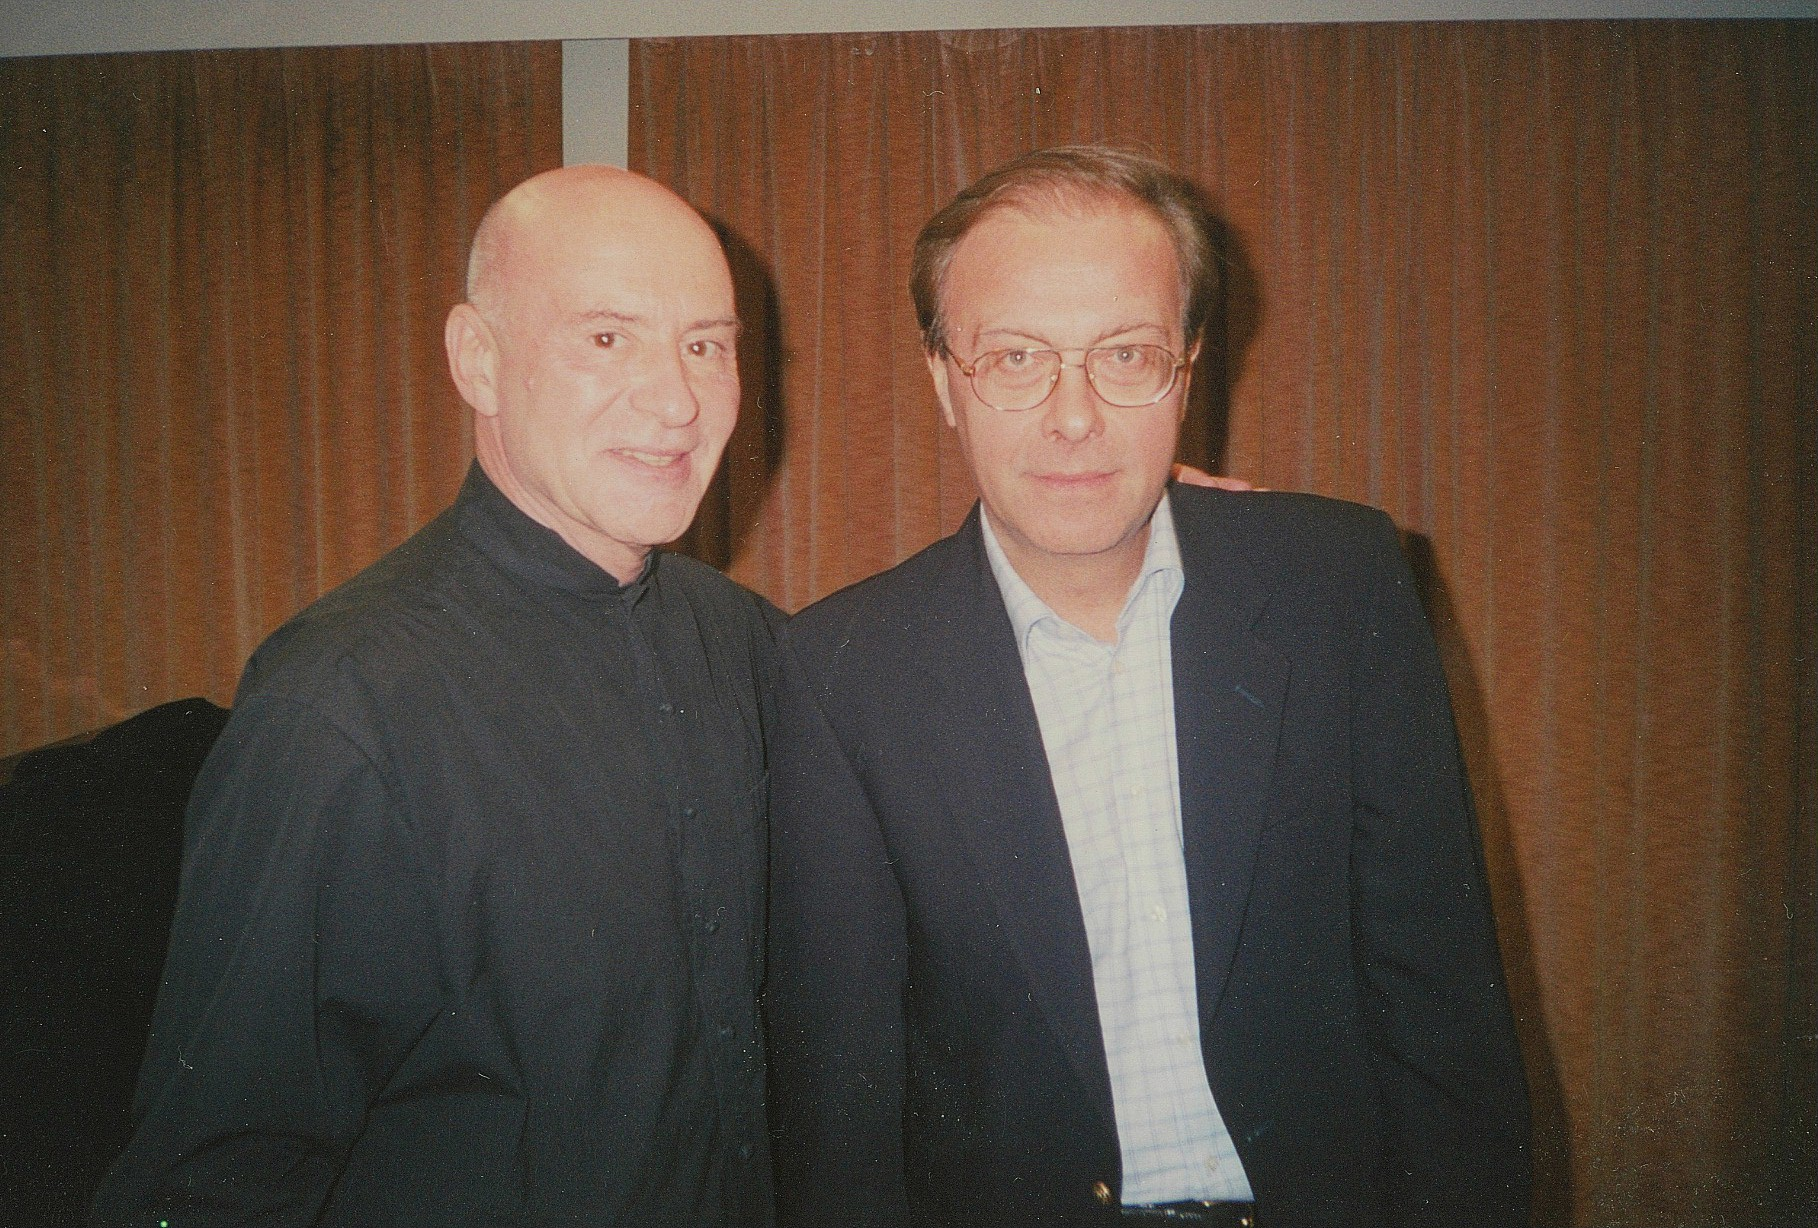 Vakarelis with Christoph Eschenbach